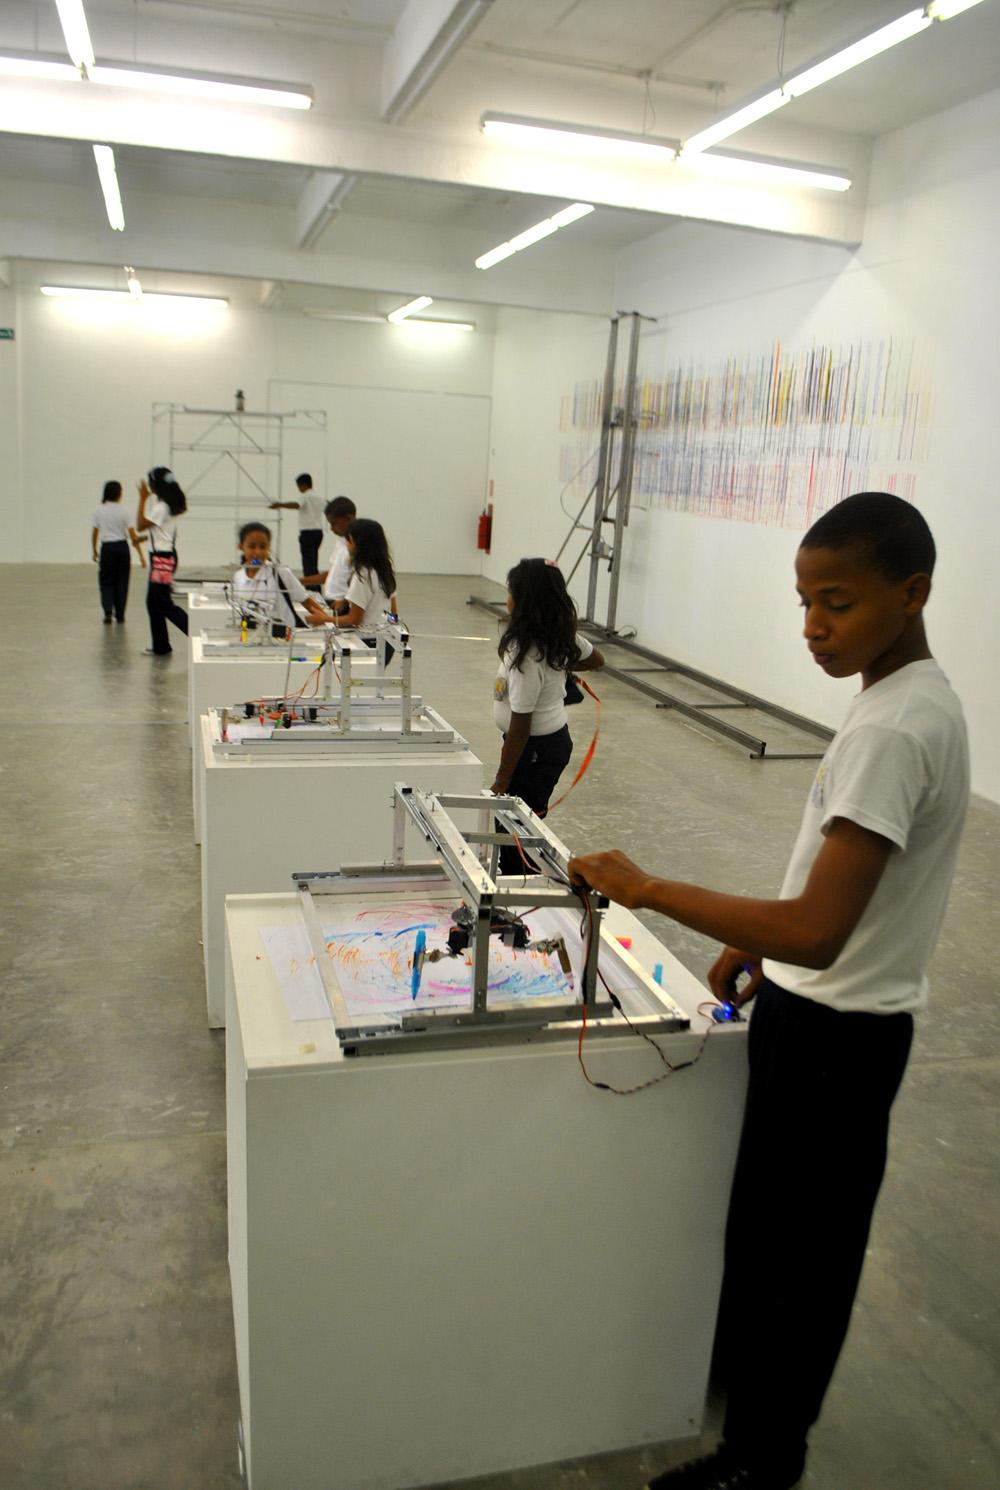 Con la presentación de esta exposición, Fundación Telefónica reafirma su compromiso de impulsar programas educativos y culturales que contribuyen a estimular la creación artística y promover una nueva visión cultural en la sociedad.